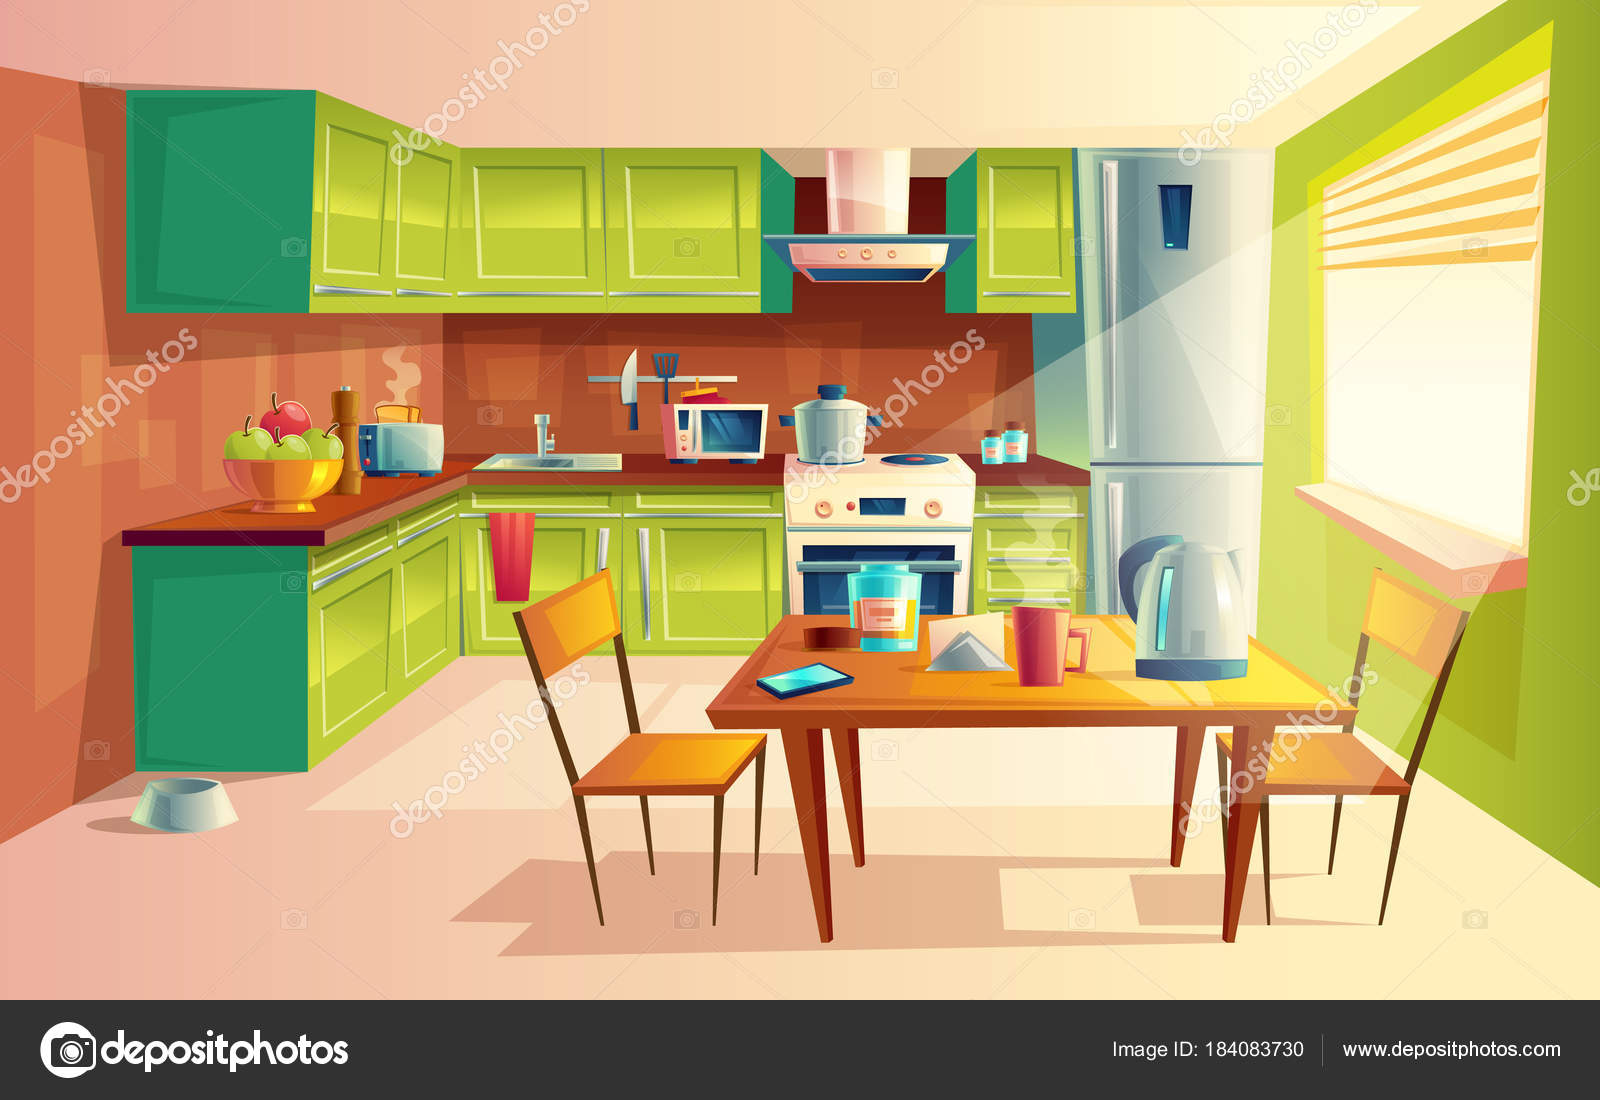 Imgenes cocinas modernas animadas  Ilustracin de